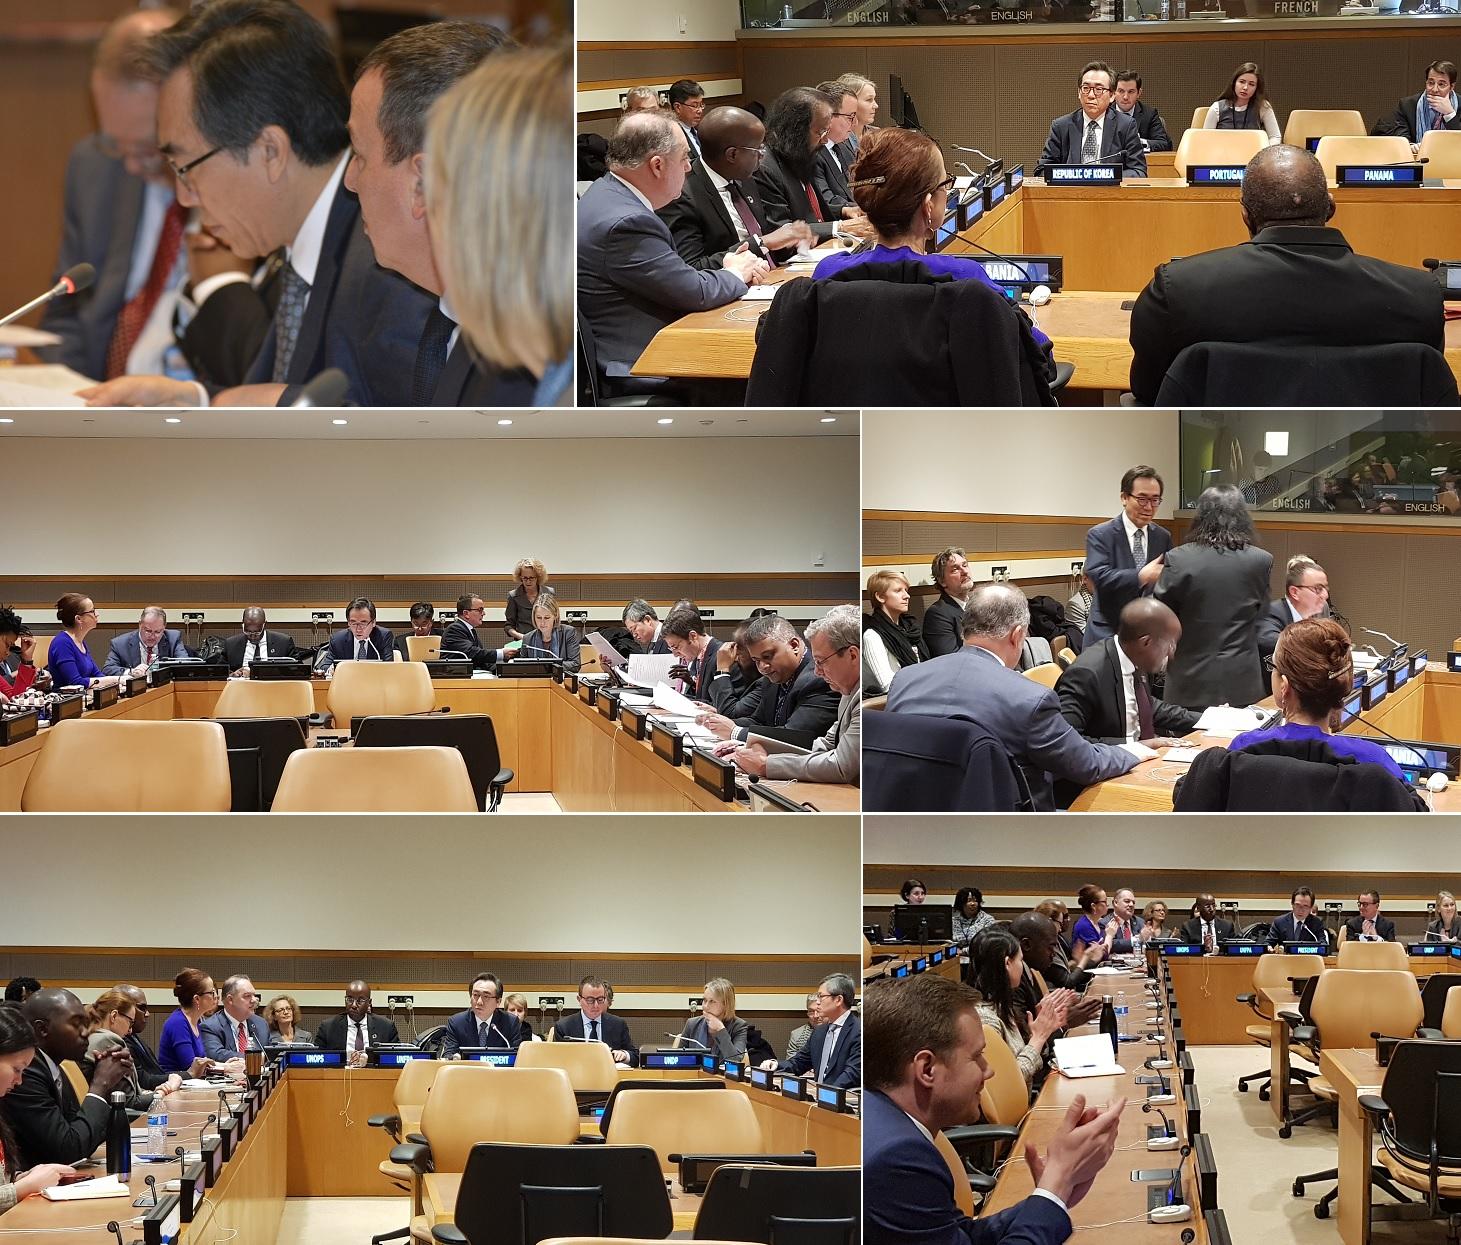 조태열 주유엔대사, UNDP/UNFPA/UNOPS 집행이사회 의장에 최초로 선출(12.6)